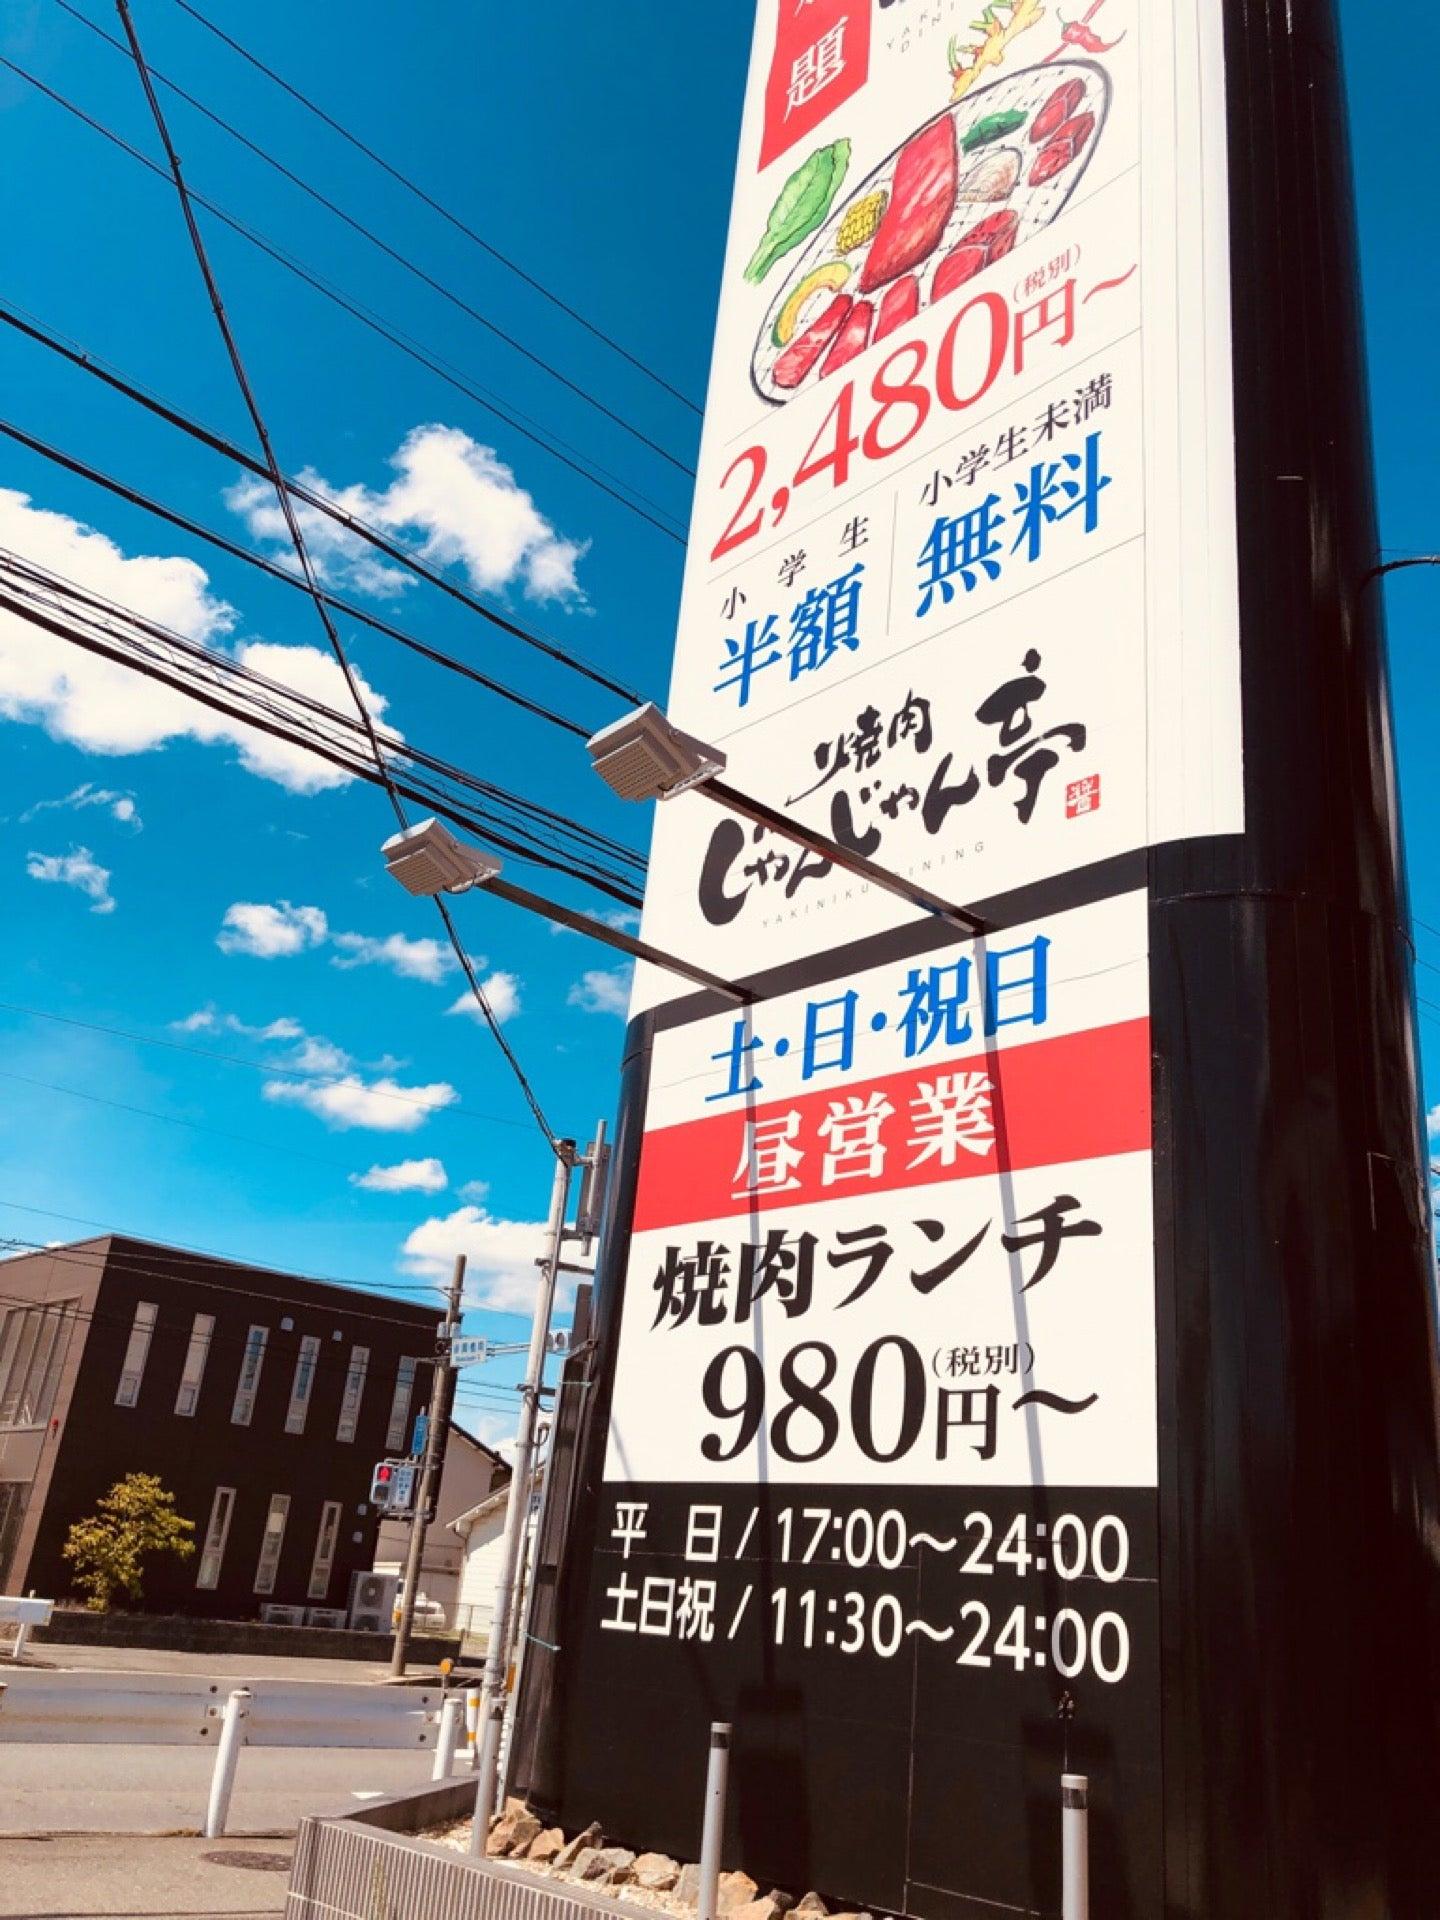 このへんで店内がちゃんと禁煙になってる焼肉屋は他にないなー。 (@ じゃんじゃん亭 春日井店 in 春日井市, 愛知県) https://t.co/tzGnNqBYe8 https://t.co/gvVf1spNrK